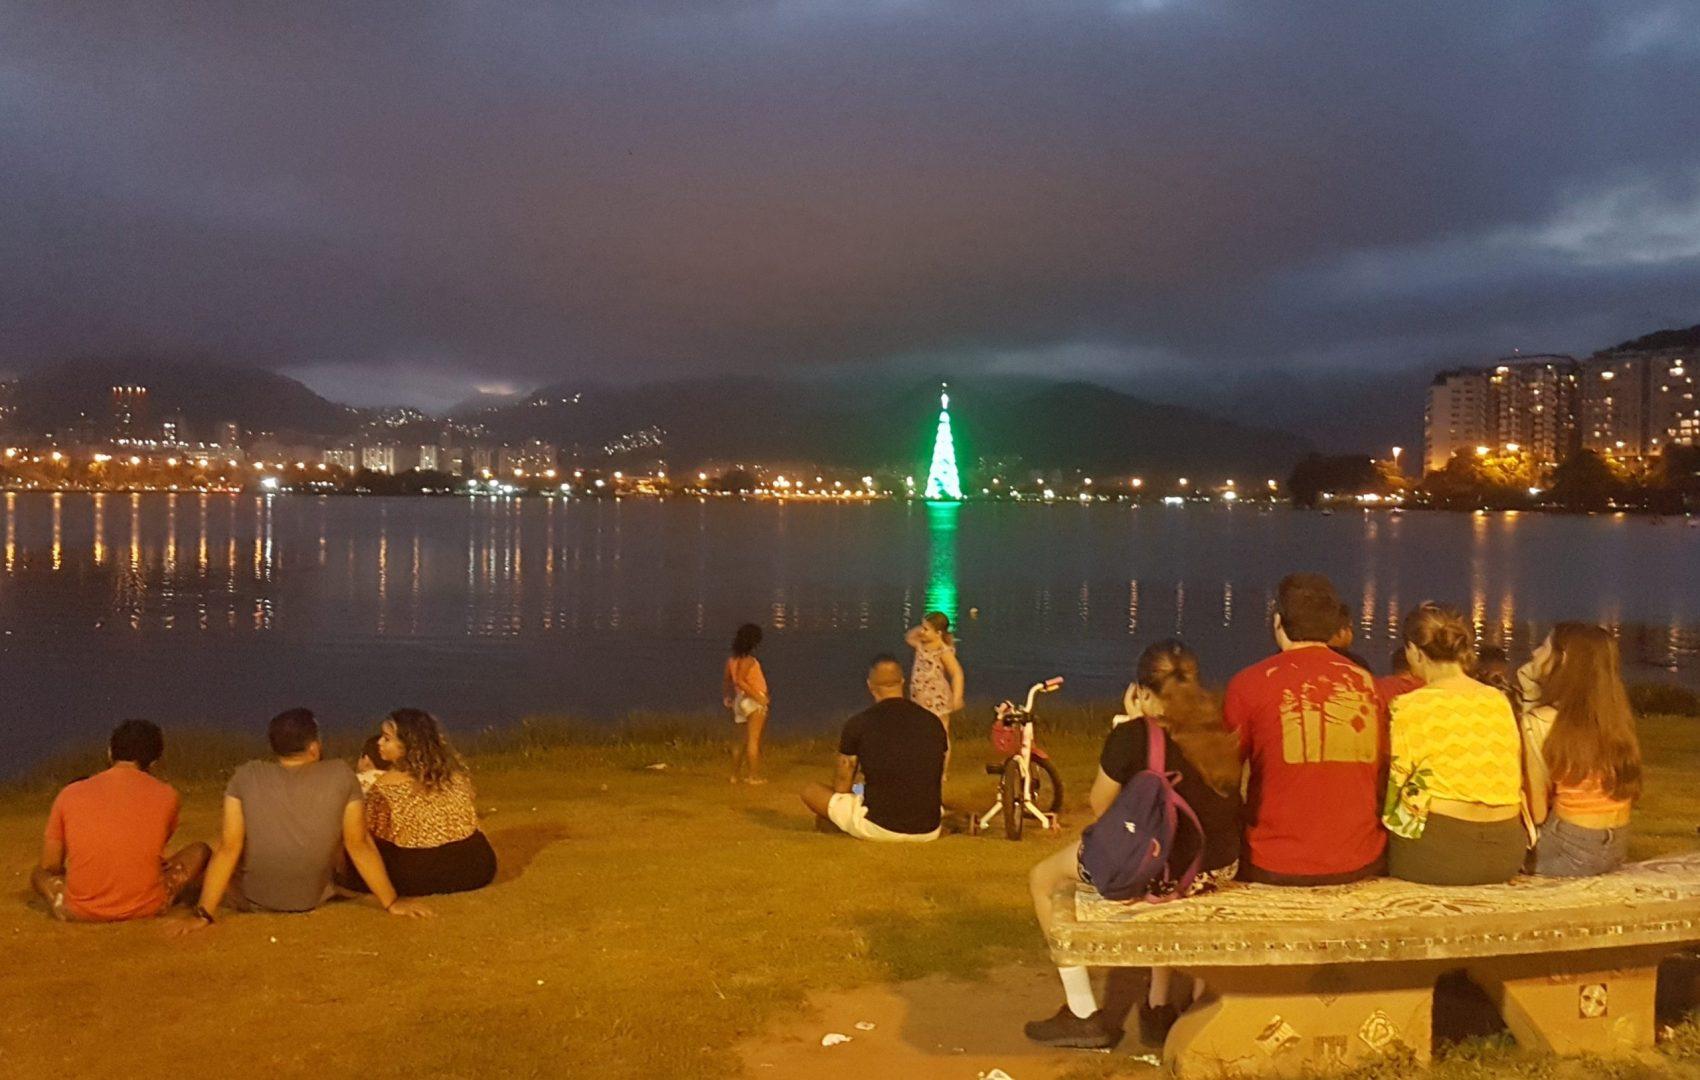 A árvore de Natal, flutuante e iluminada, da Lagoa: 70 metros de altura e 900 mil lâmpadas (Foto: Oscar Valporto)